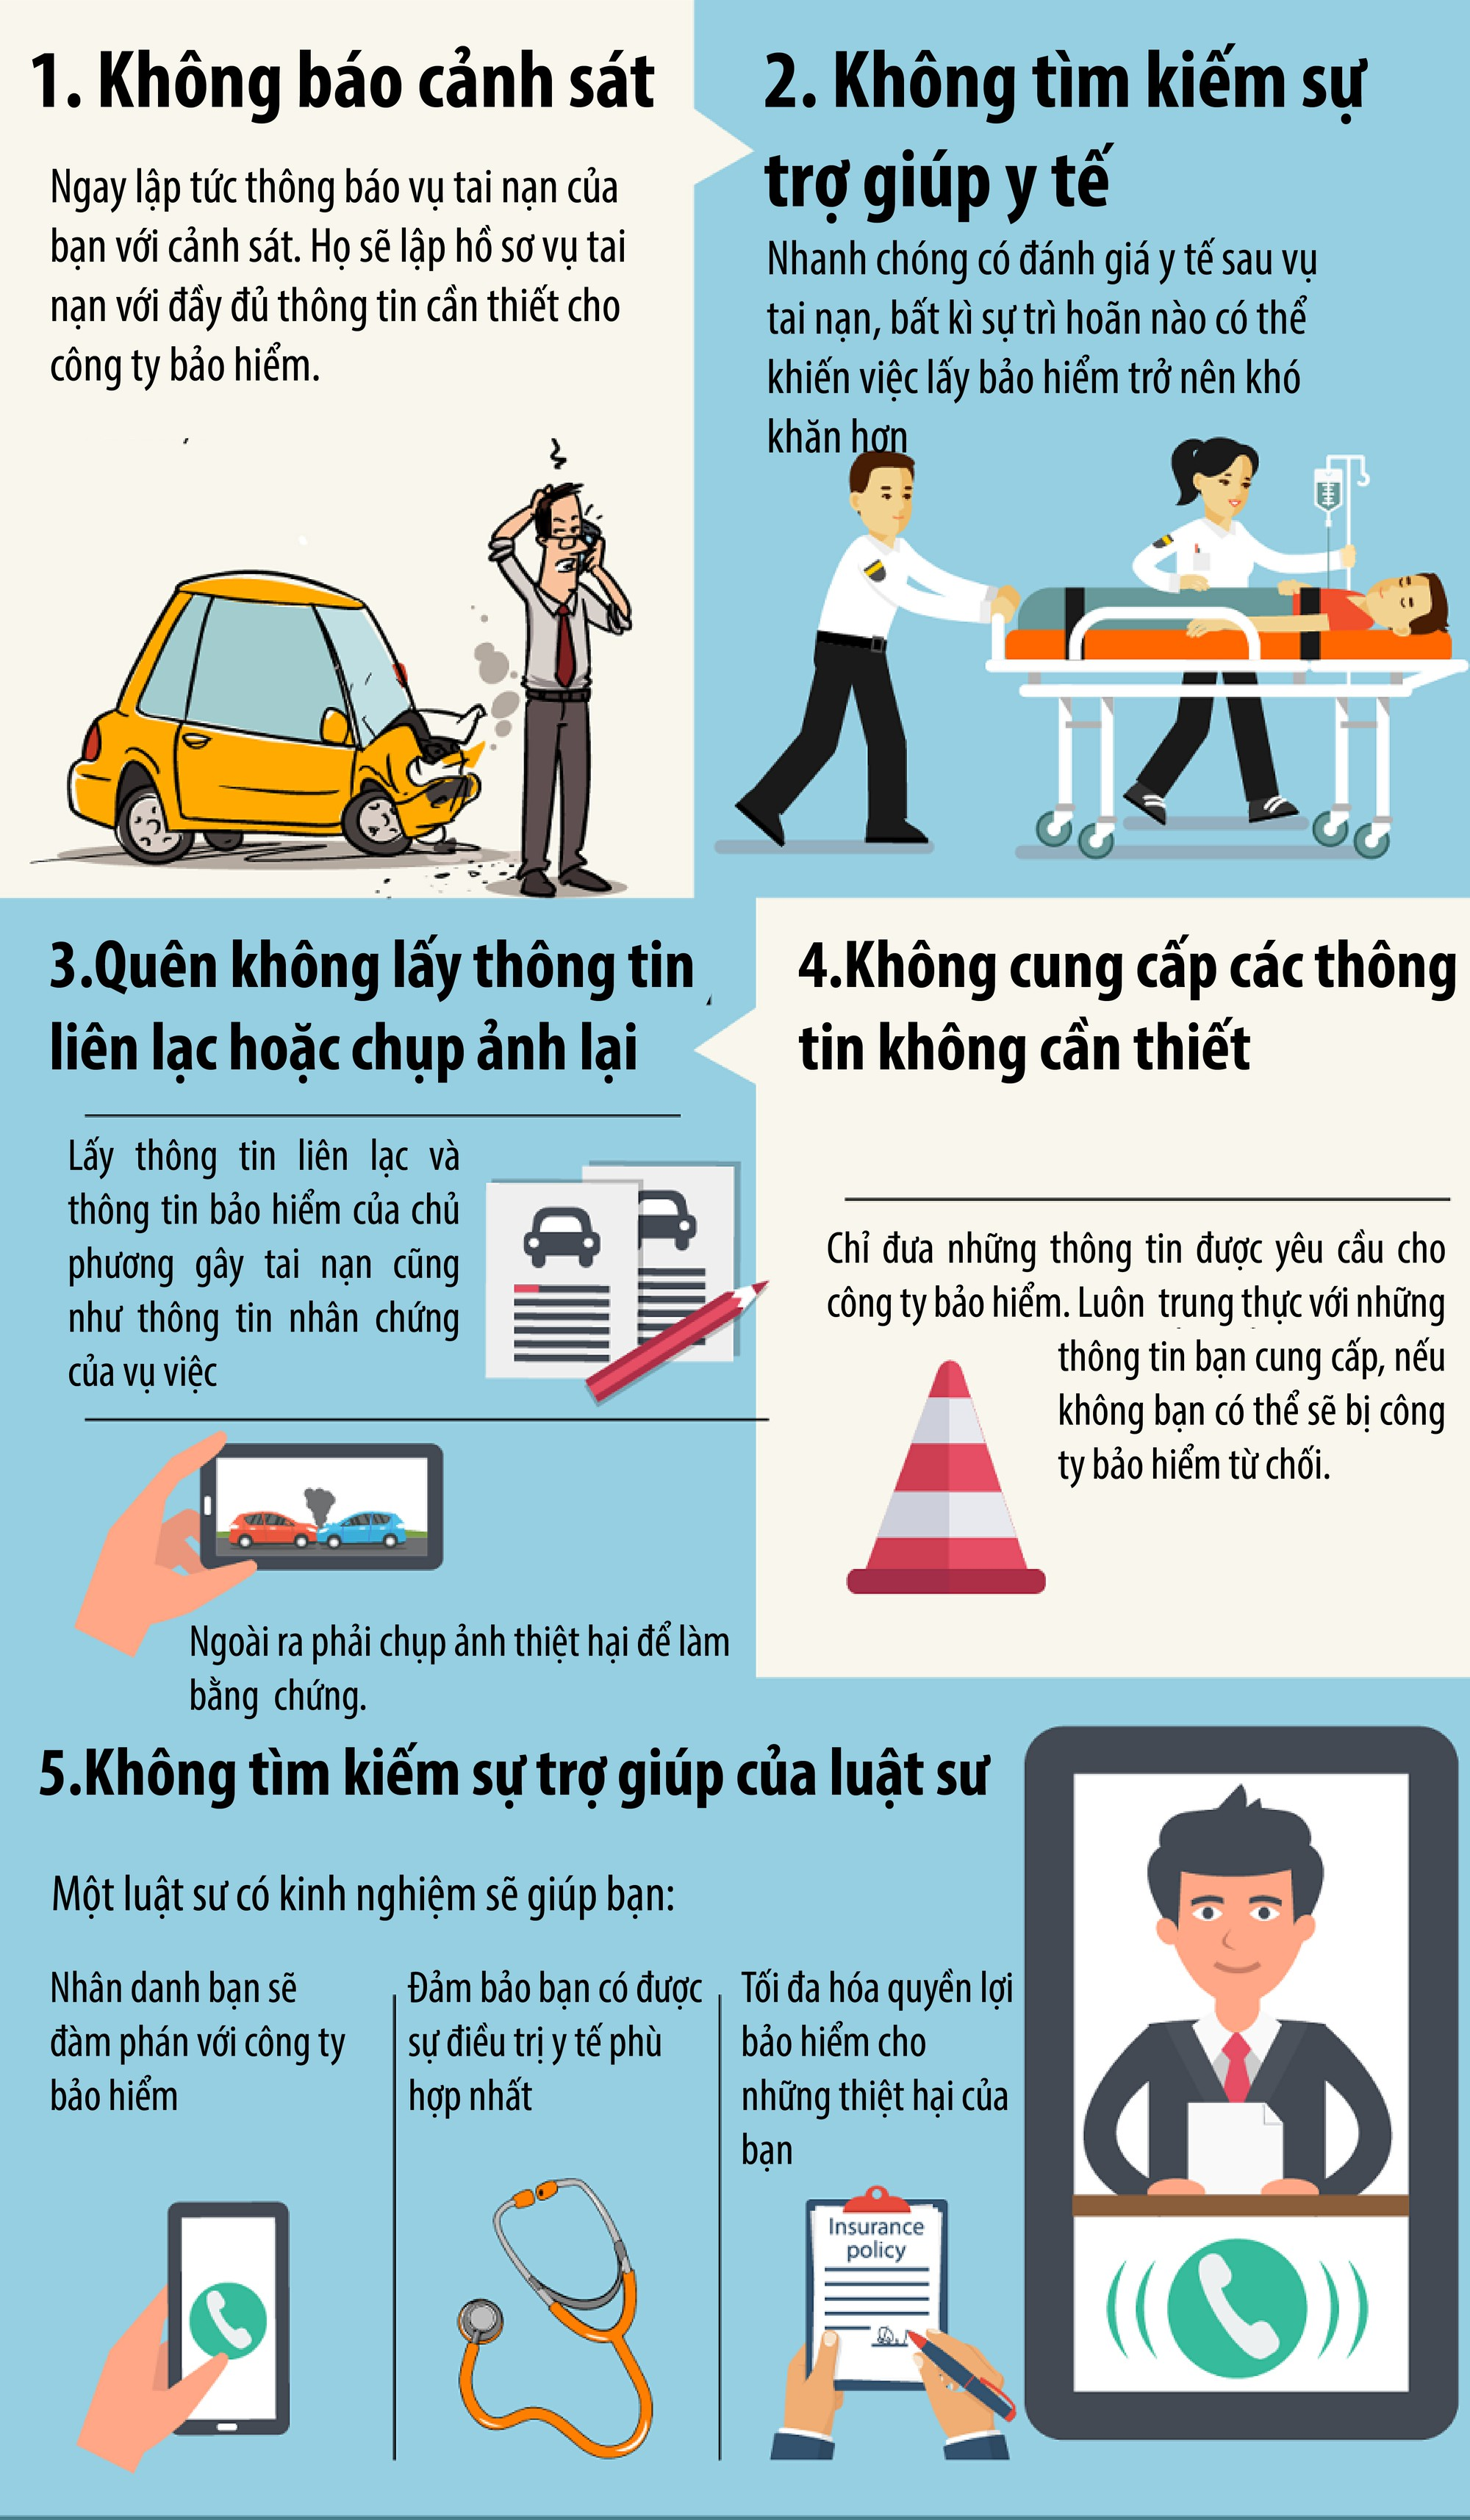 5 sai lầm khiến bạn không thể thanh toán được bảo hiểm ô tô - Ảnh 1.